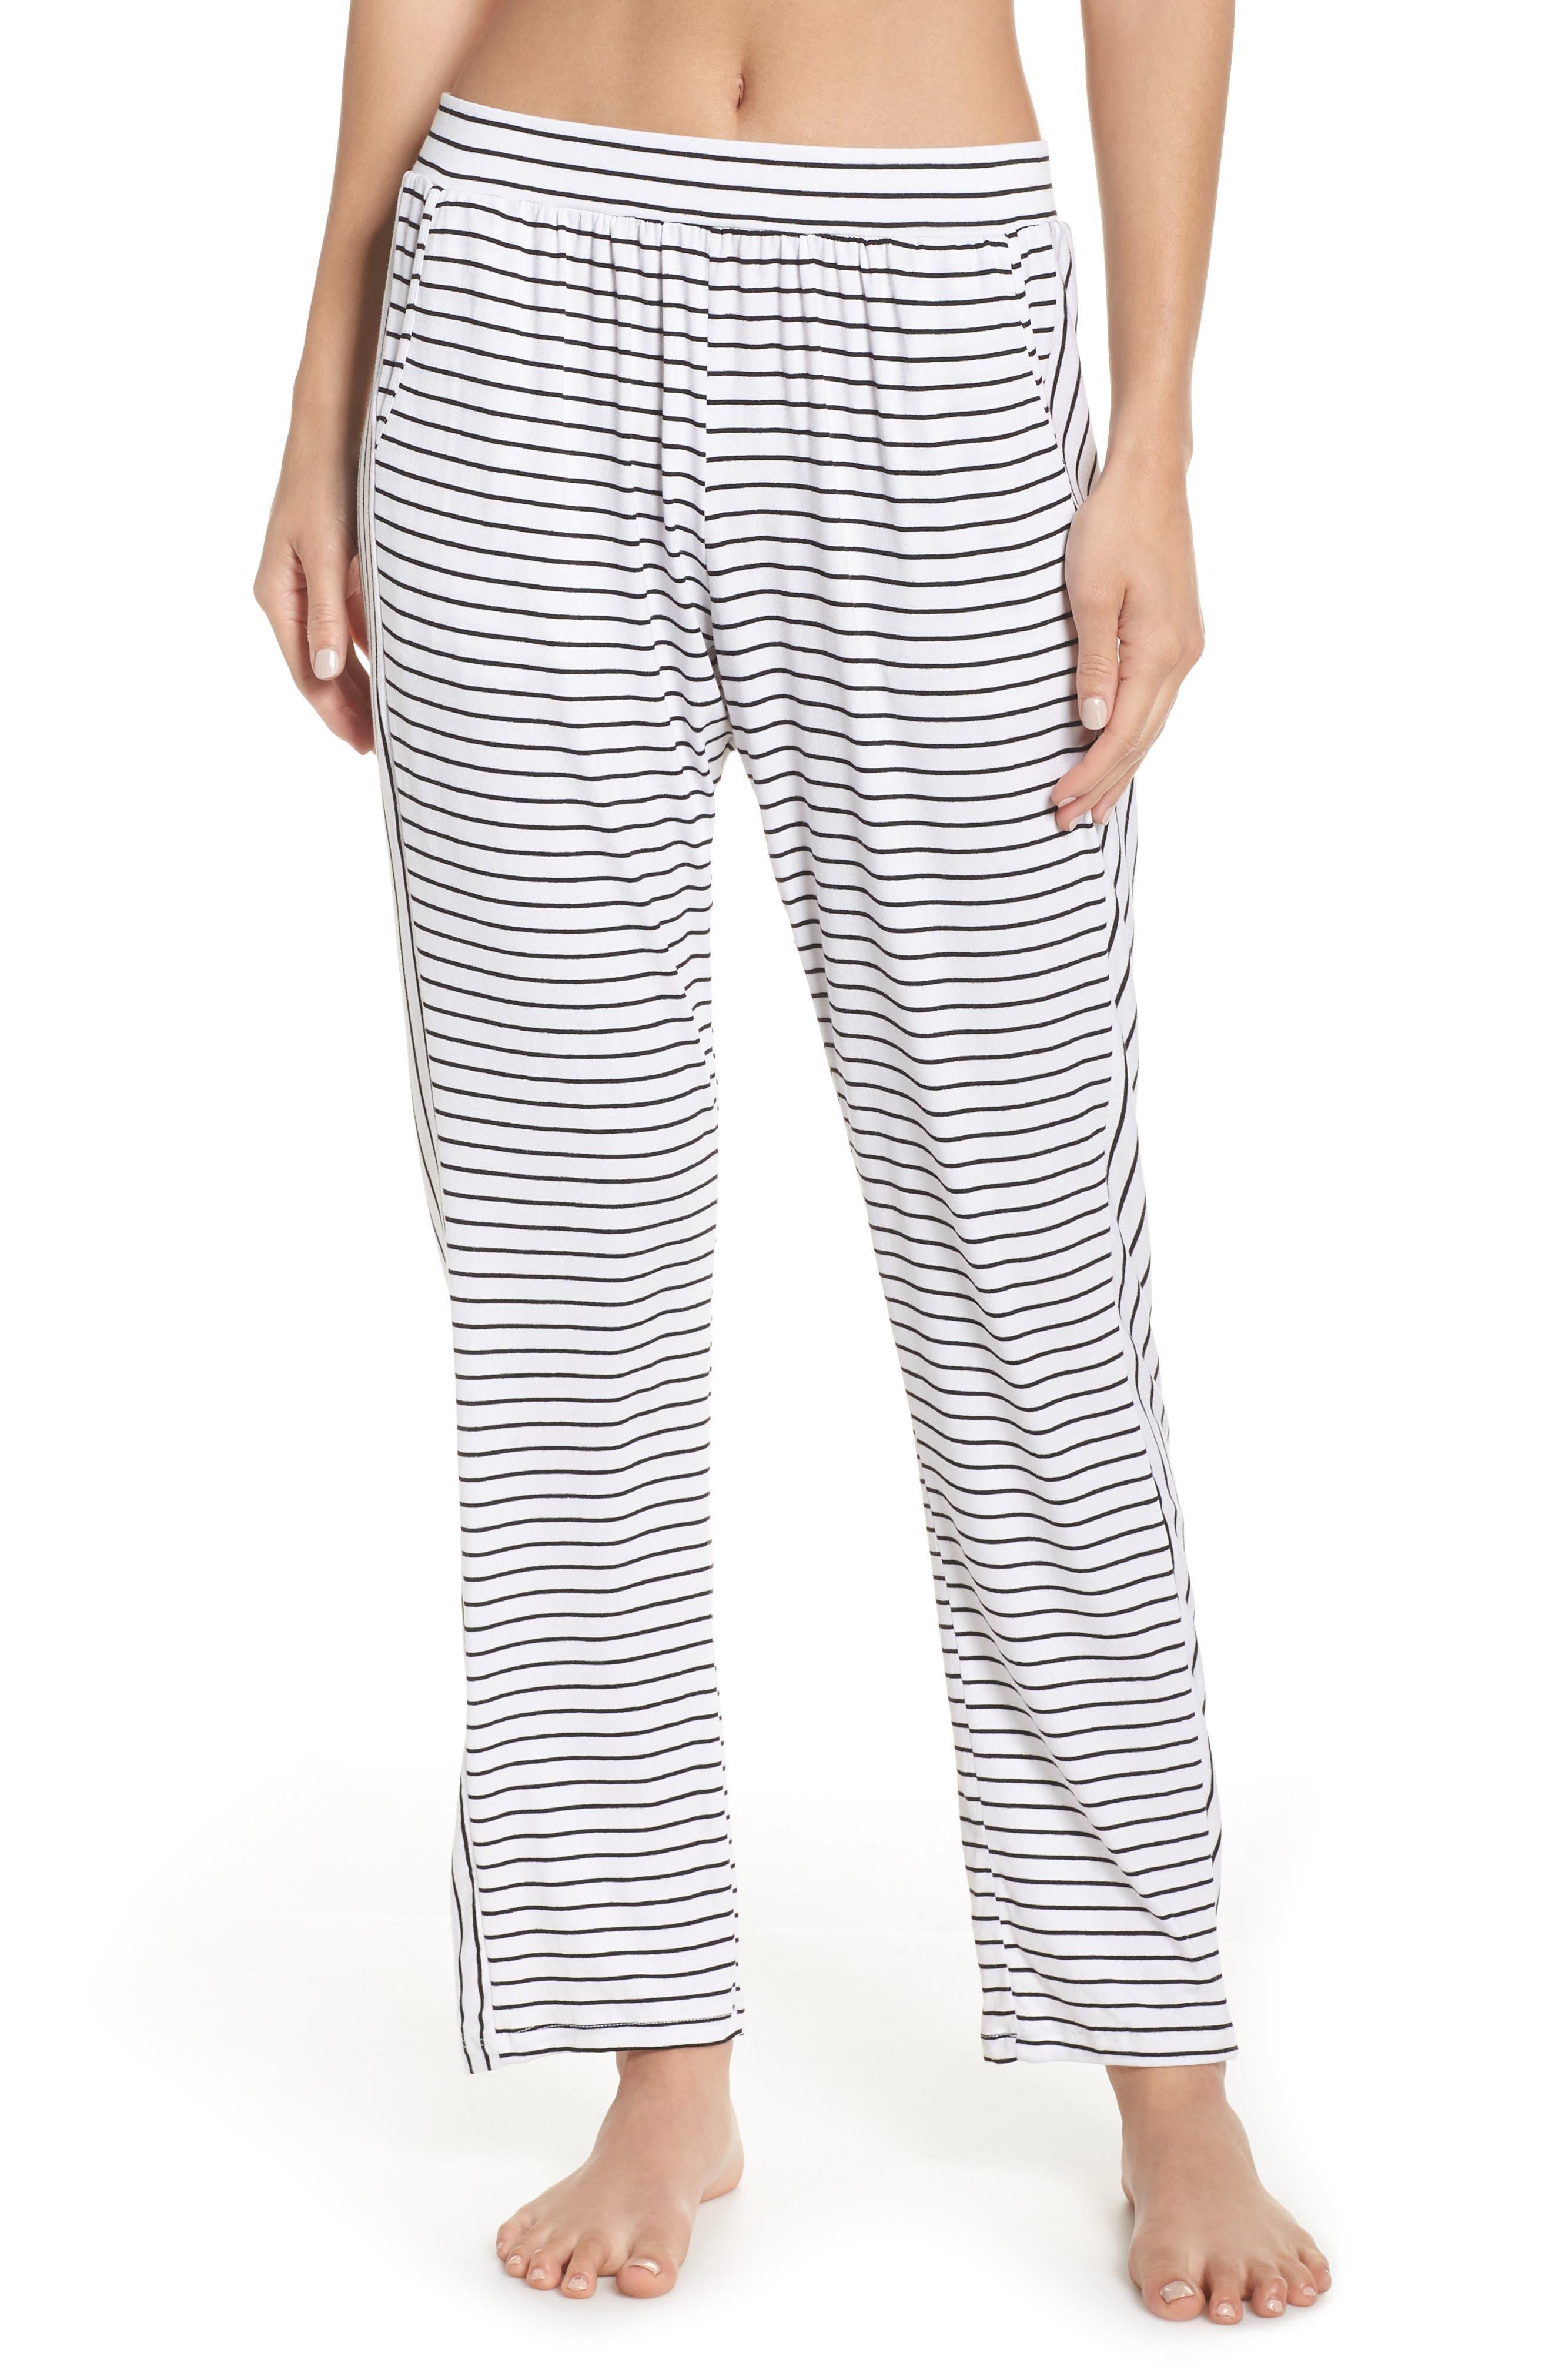 Eberjey Vega Not So Basic Pajama Pants, Ivory